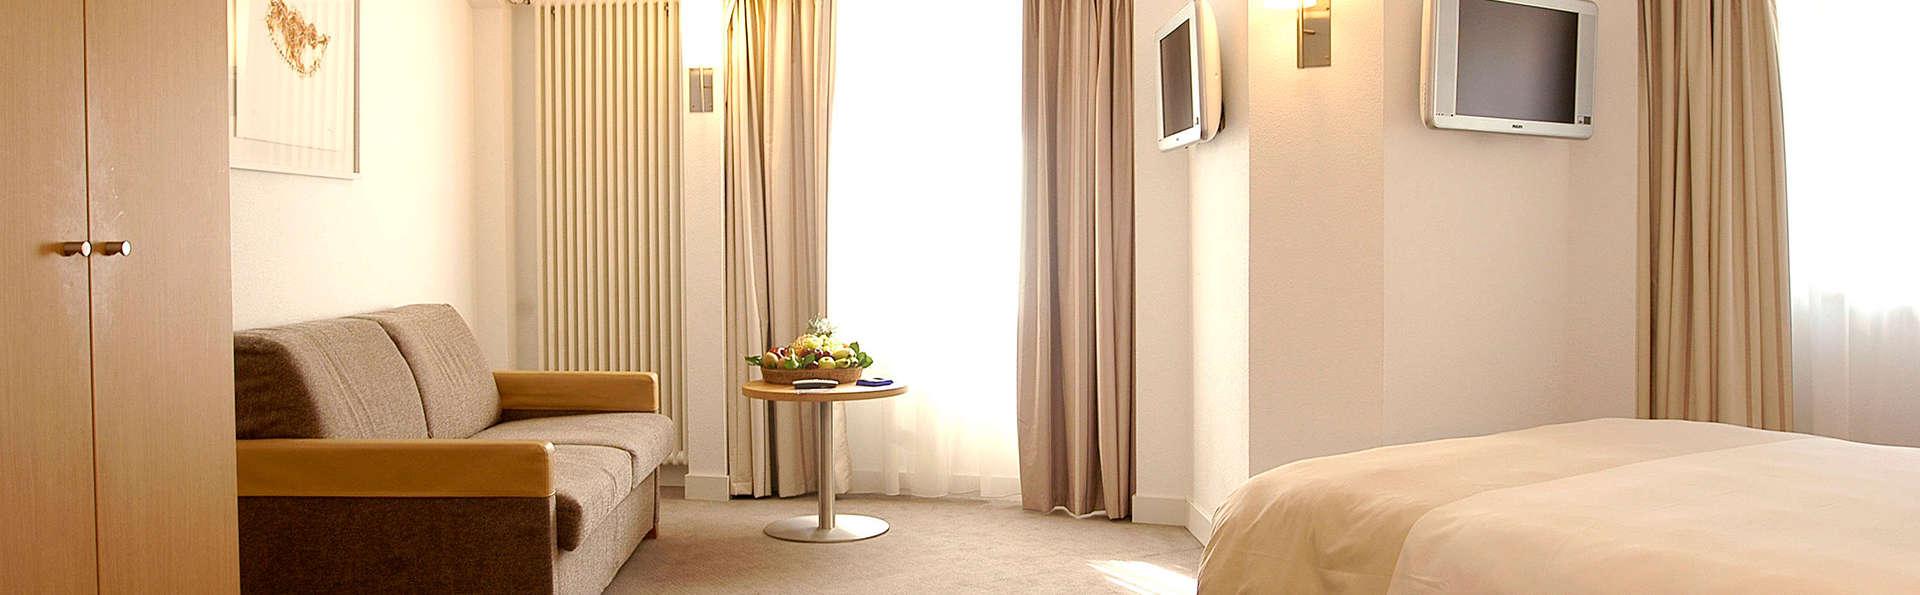 Descubre Andorra a tu aire y disfruta del spa del hotel